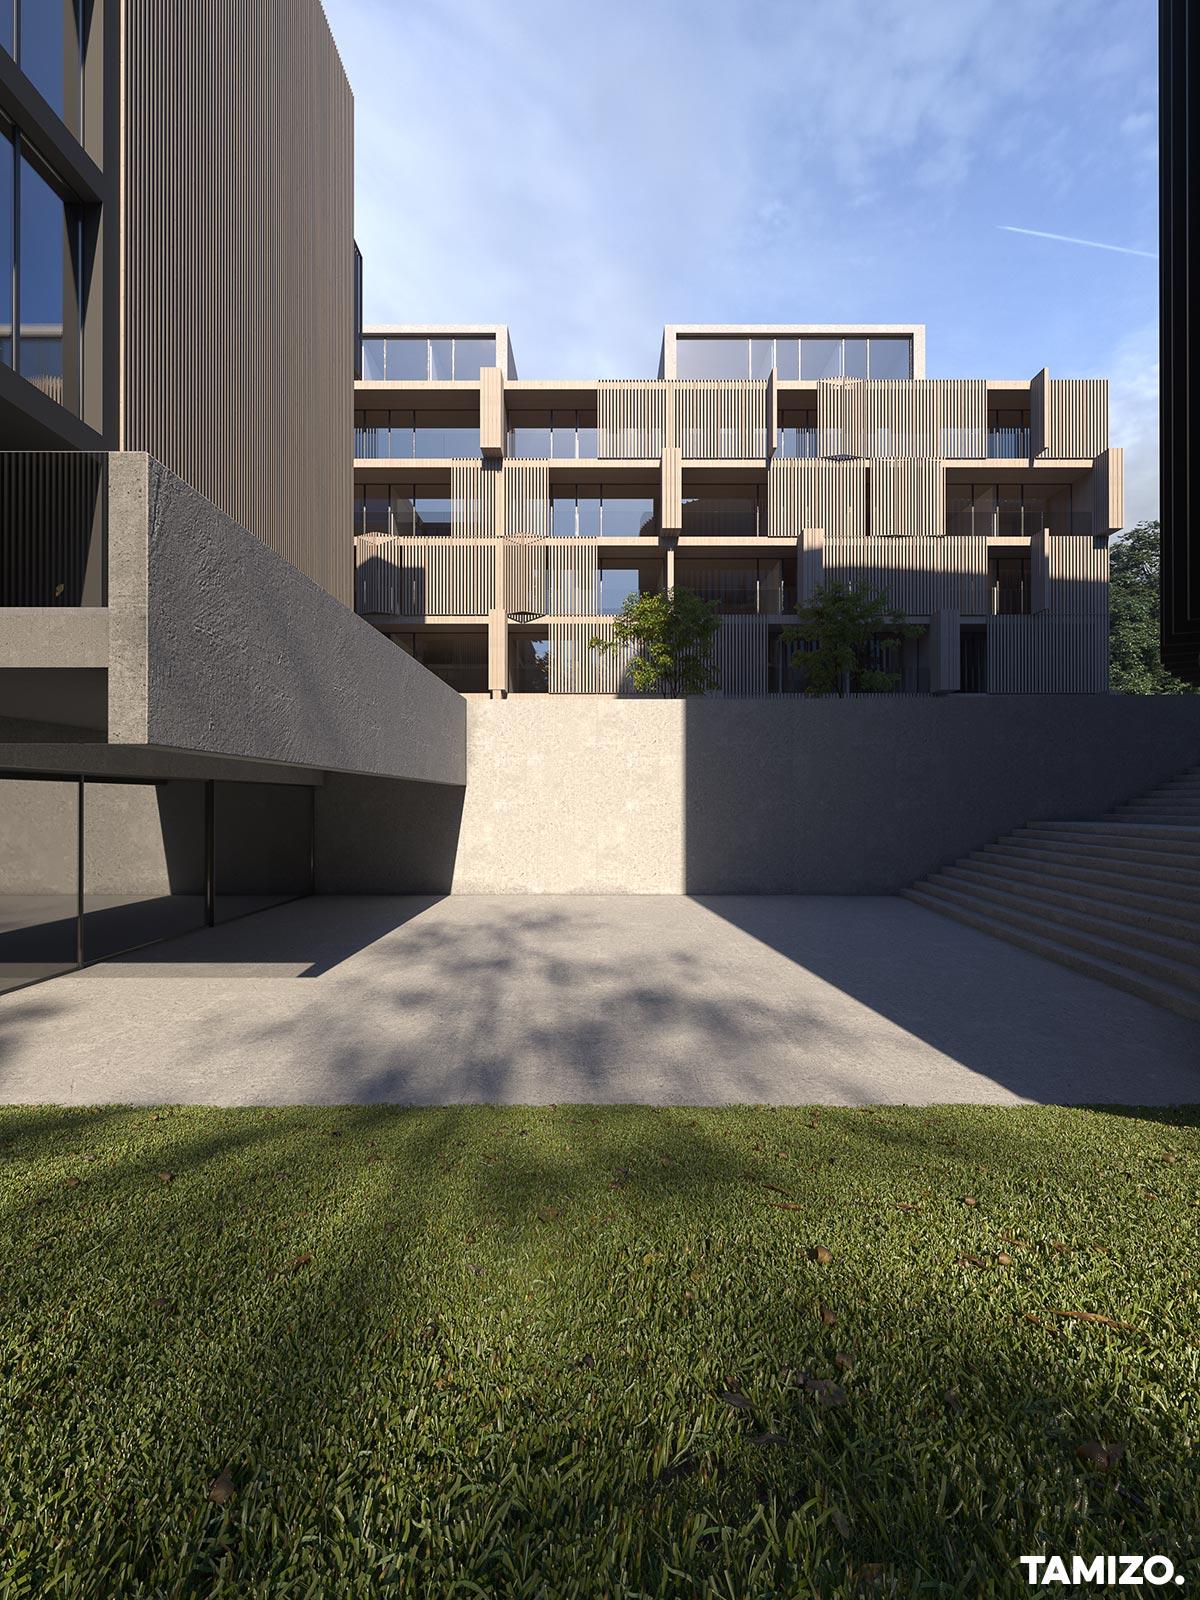 tamizo_architecture_houseing_mieszkaniowa_architektura_biura_office_builidng_lodz_08